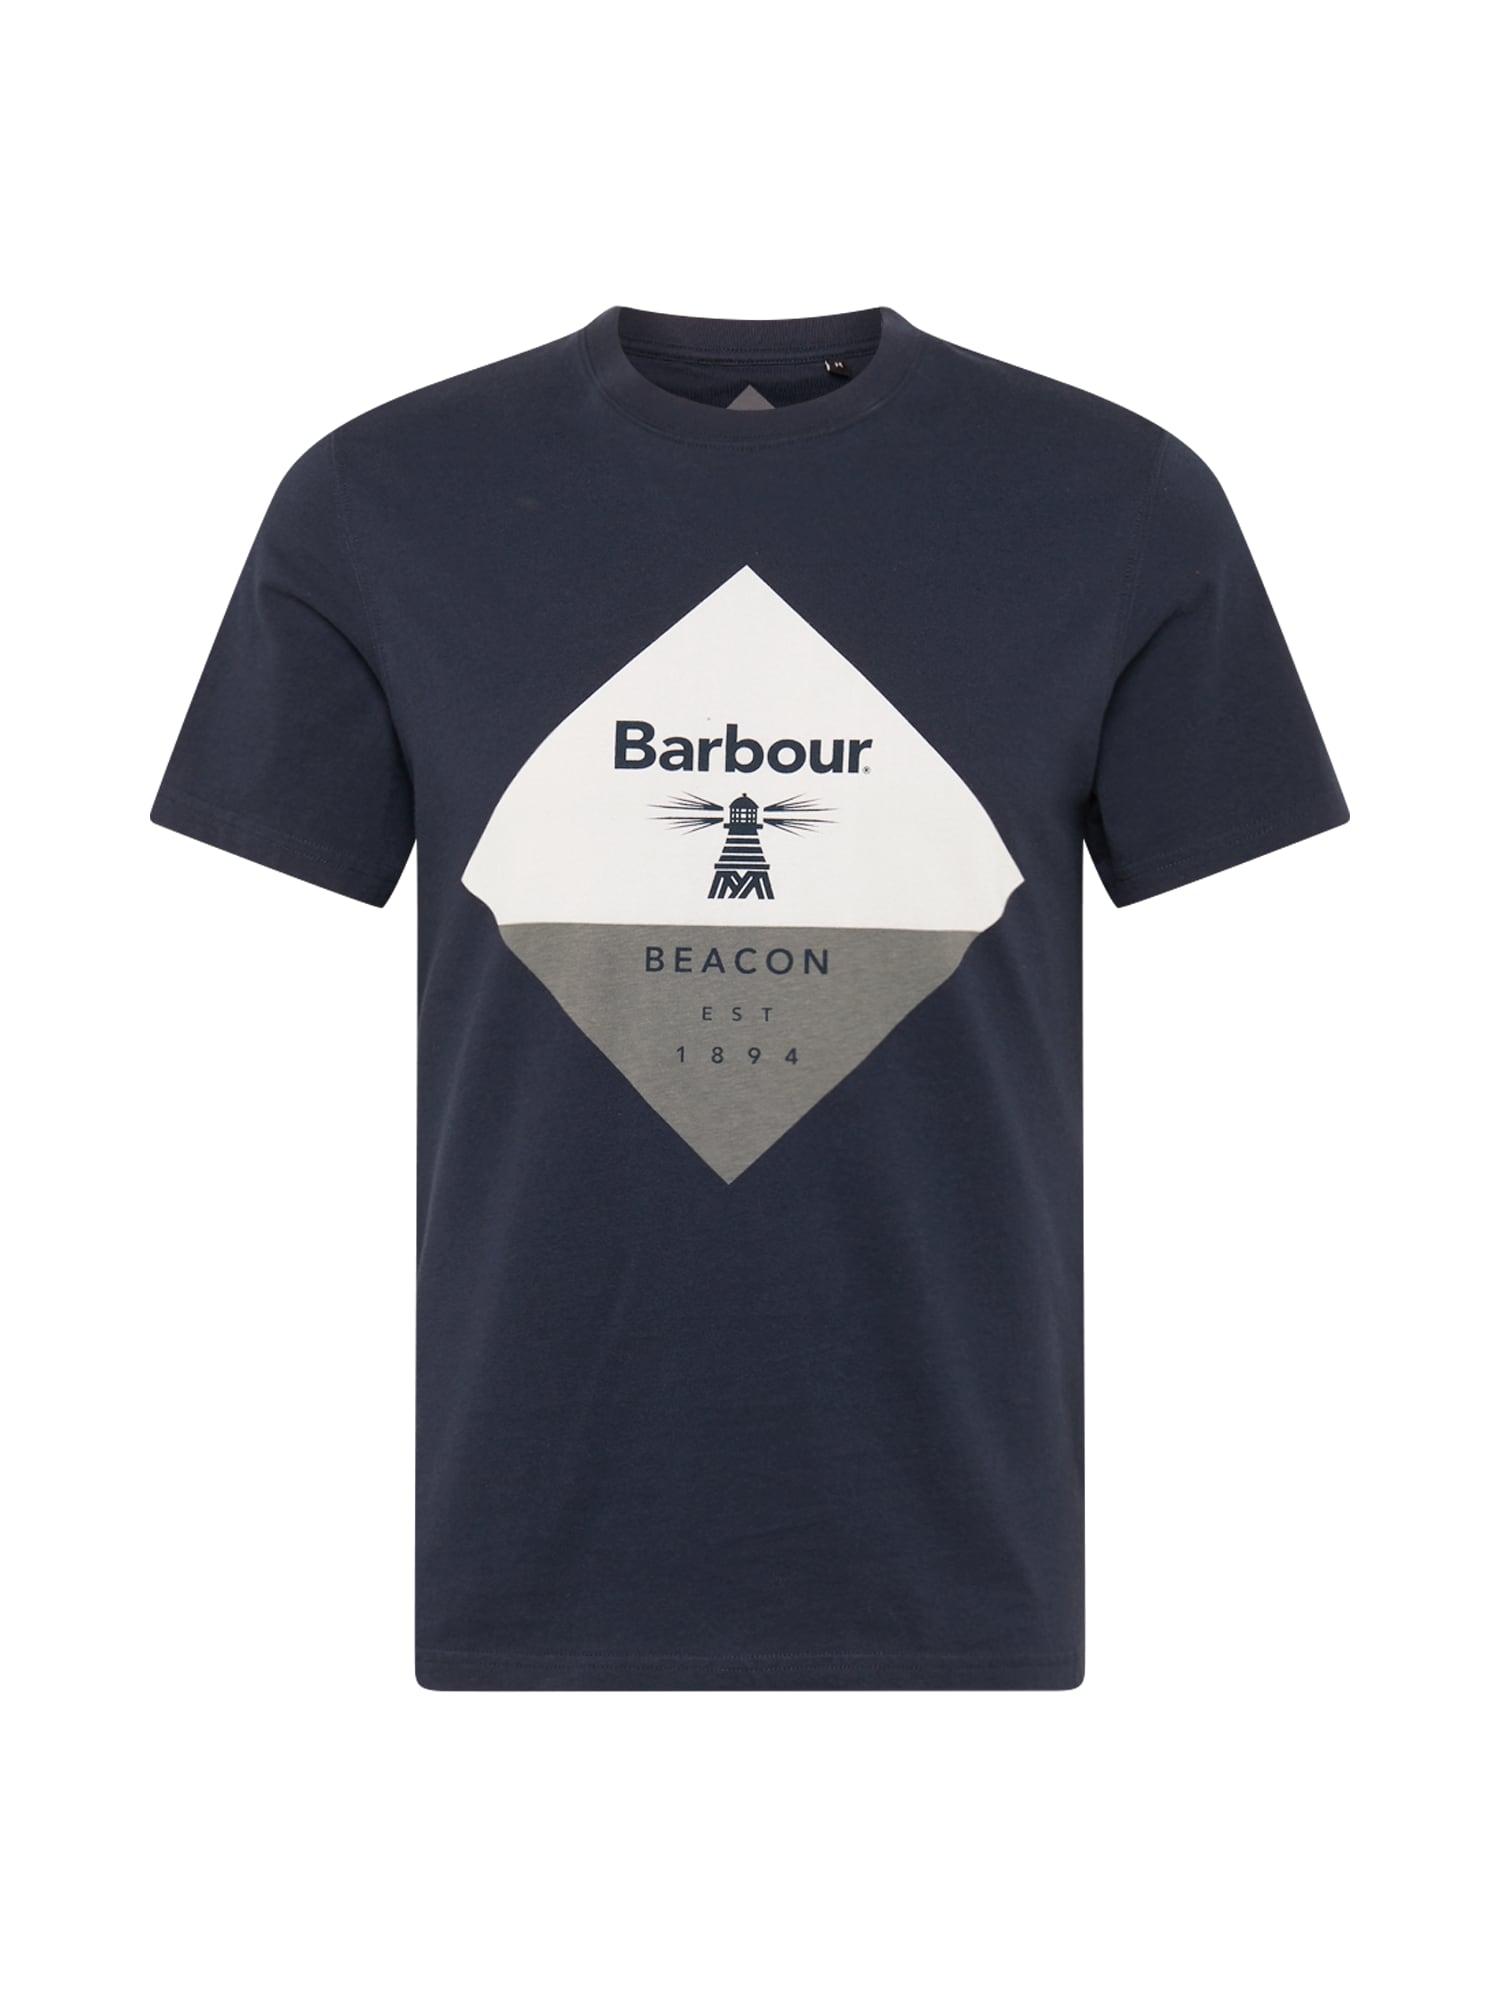 Barbour Beacon Marškinėliai tamsiai mėlyna / balta / margai pilka